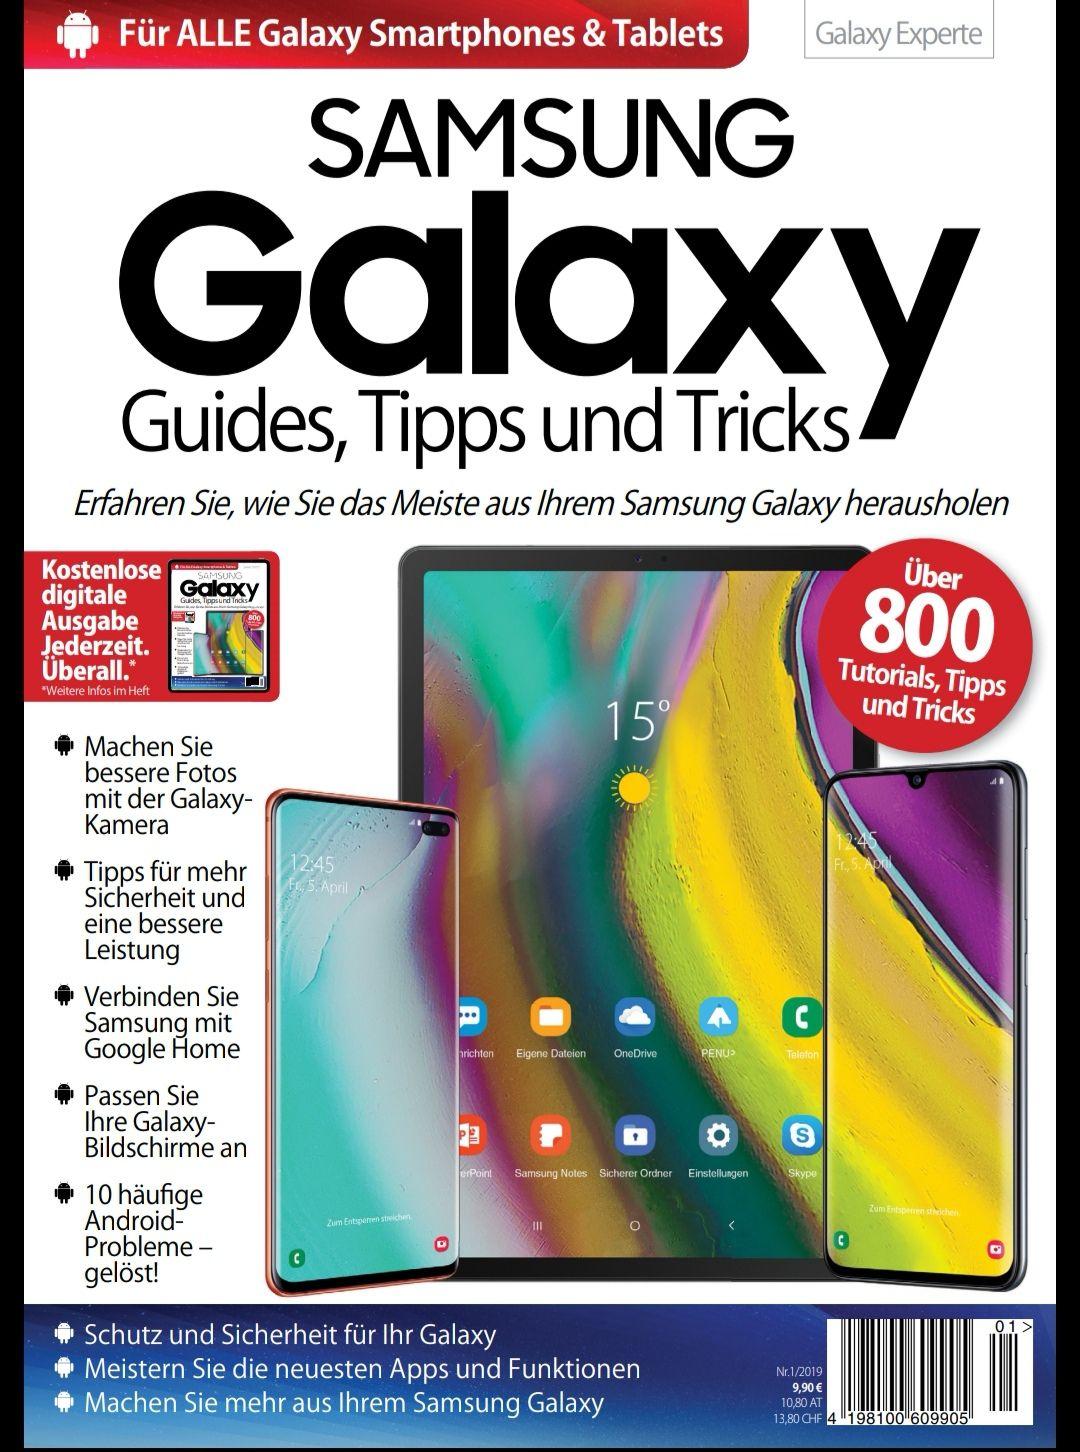 Samsung Galaxy Guides Tipps und Tricks - epaper für alle Samsung Handy und Tab